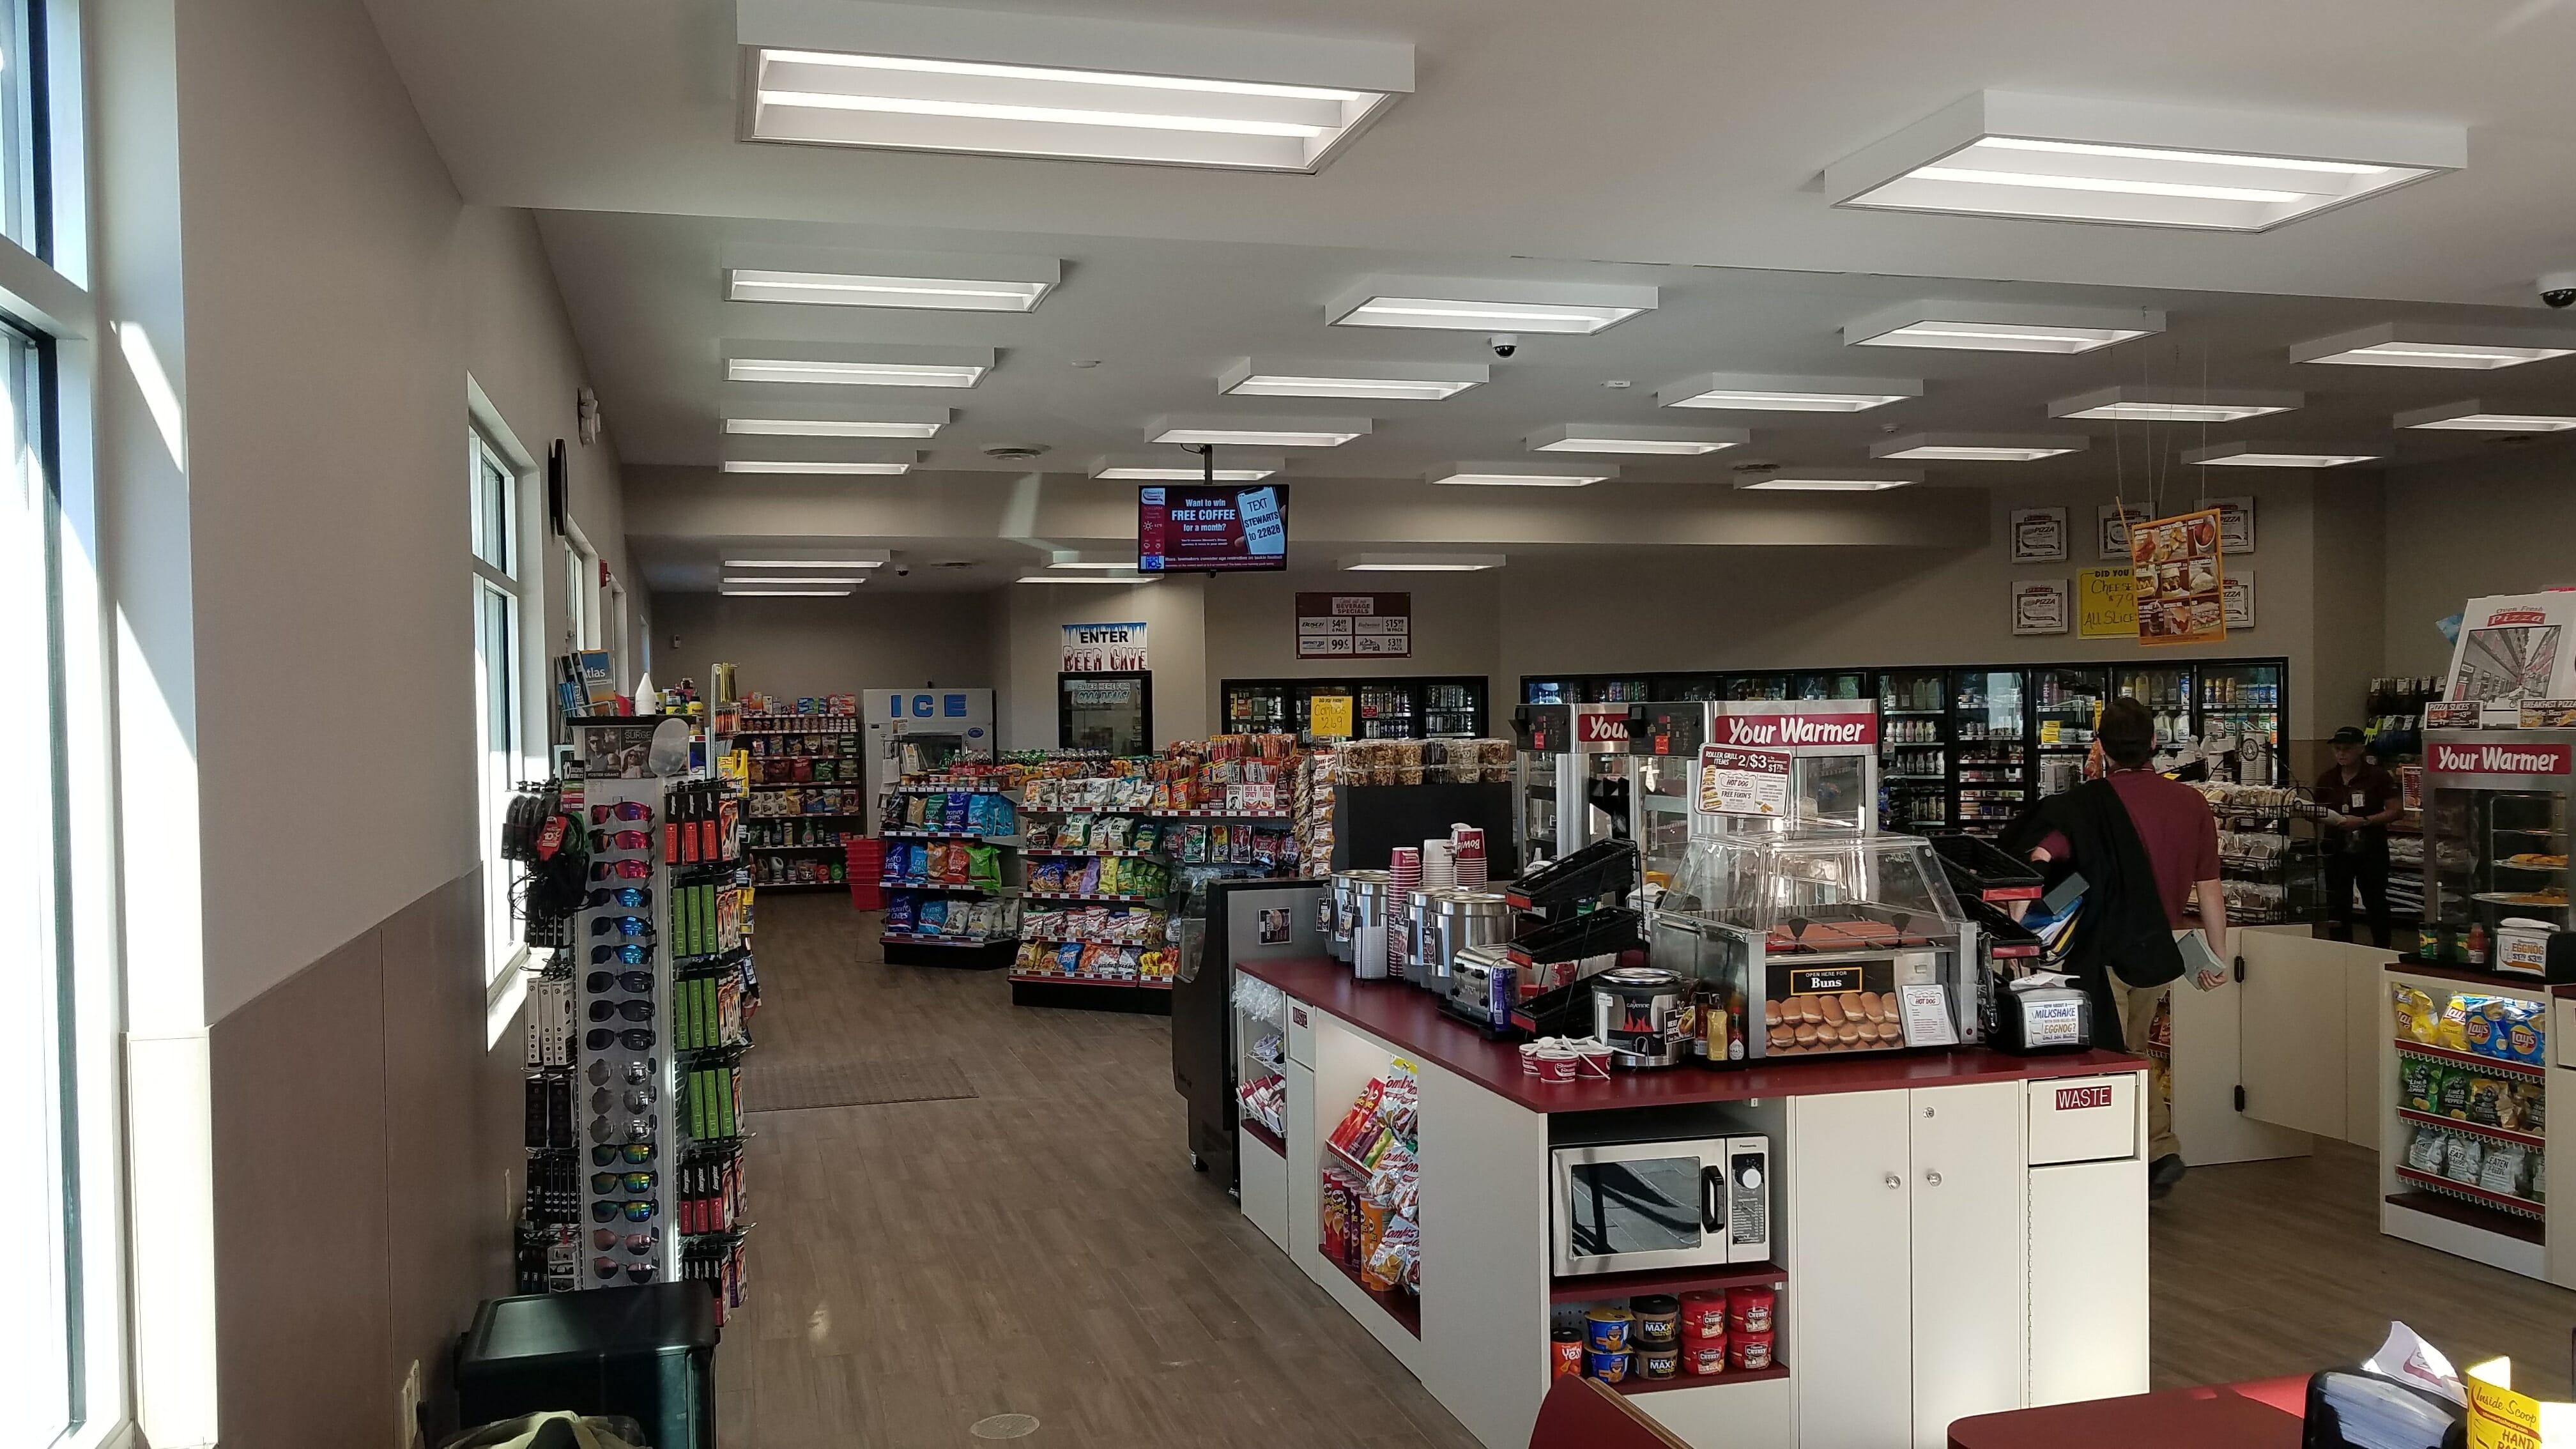 inside of new stewart's shop